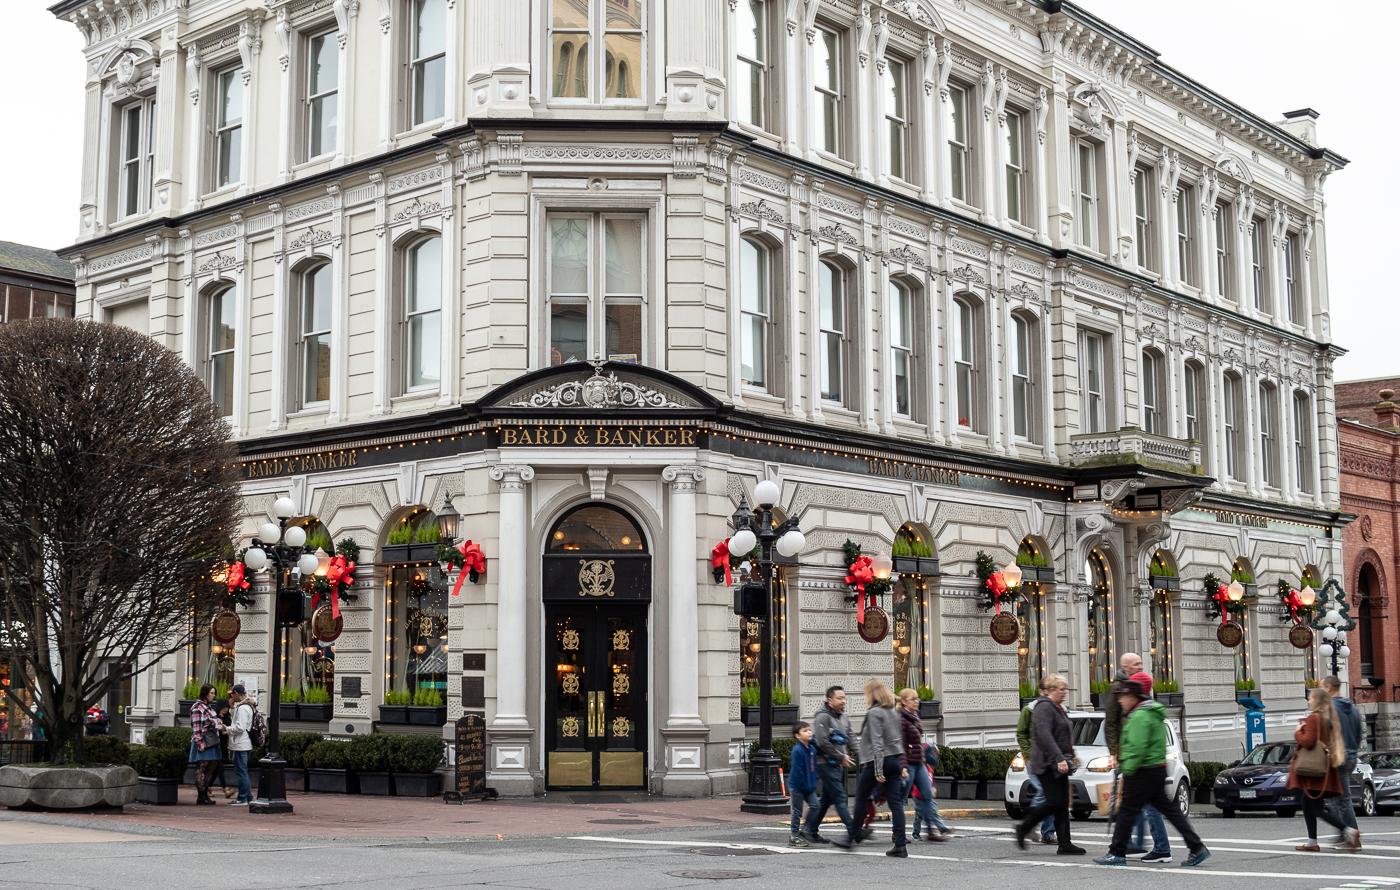 Downtown Victoria ist zur Weihnachtszeit besonders schön geschmückt.